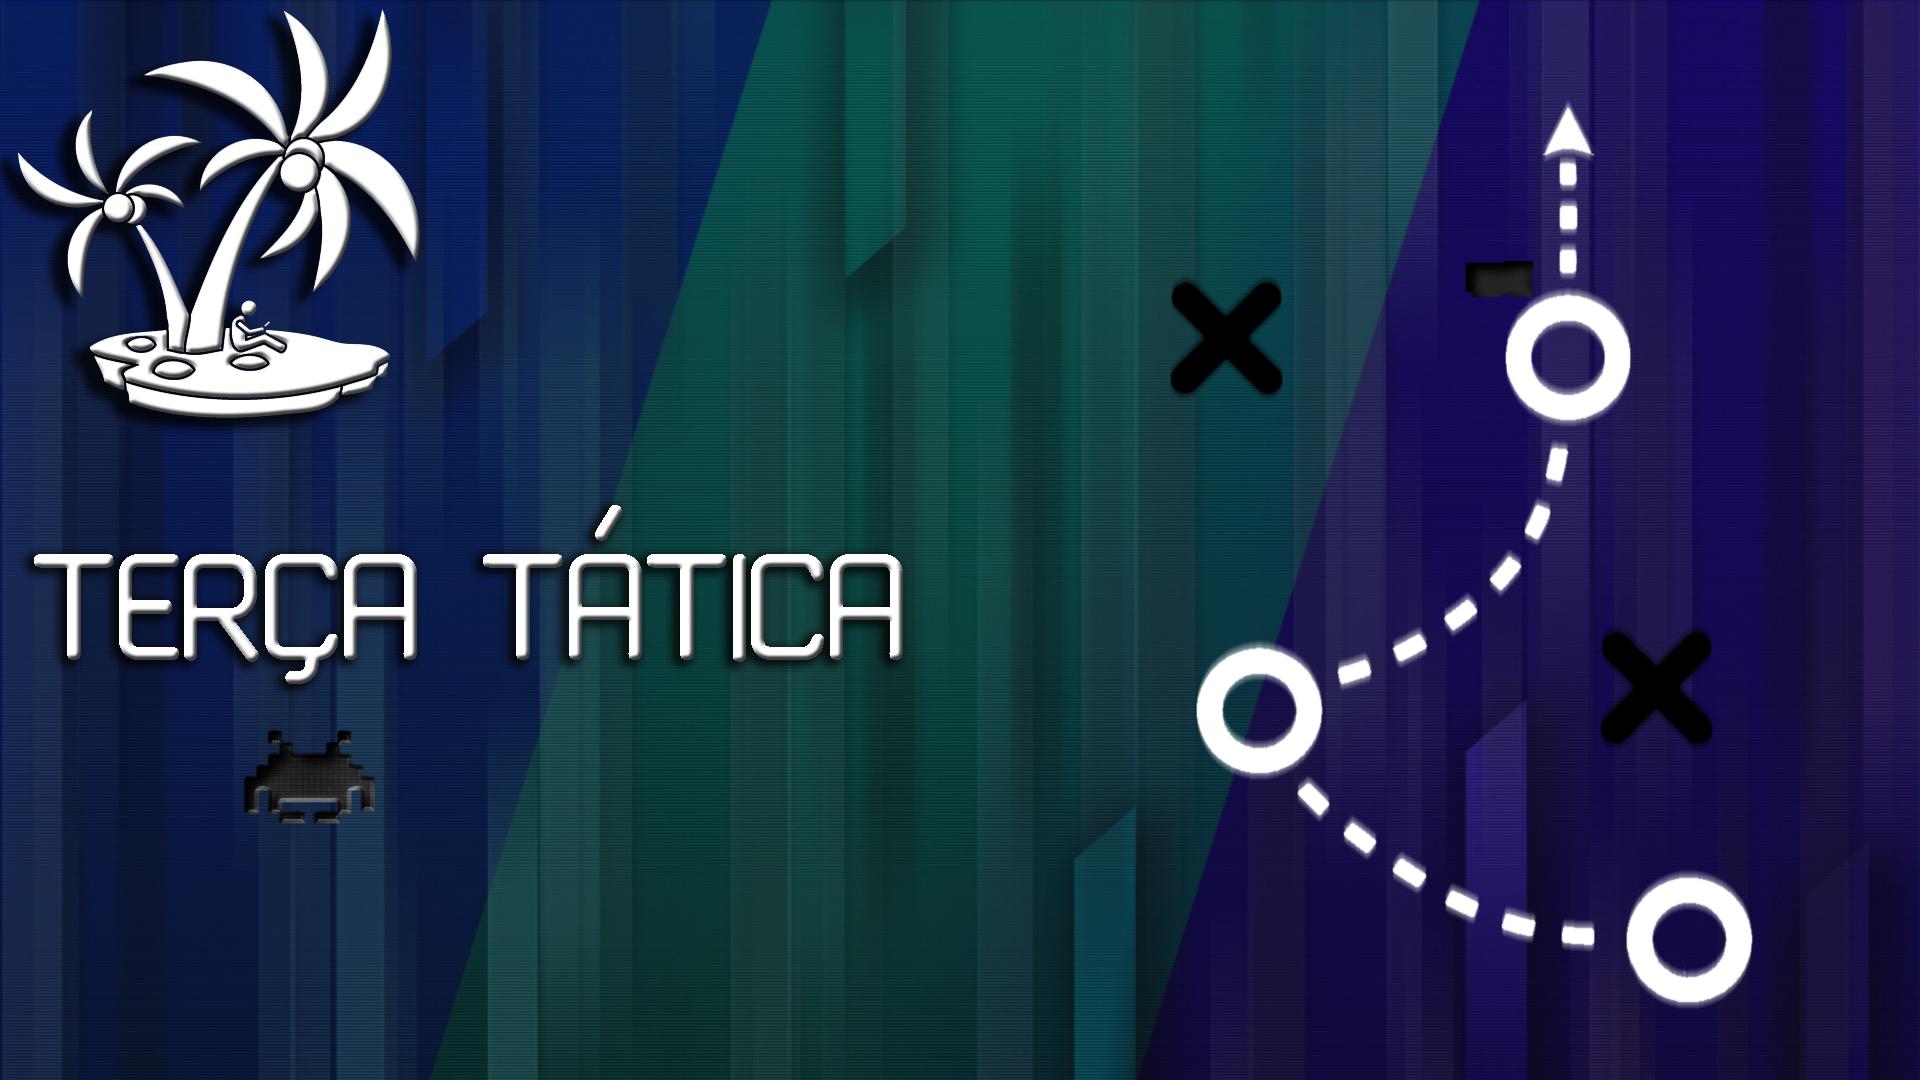 TERÇA TÁTICA